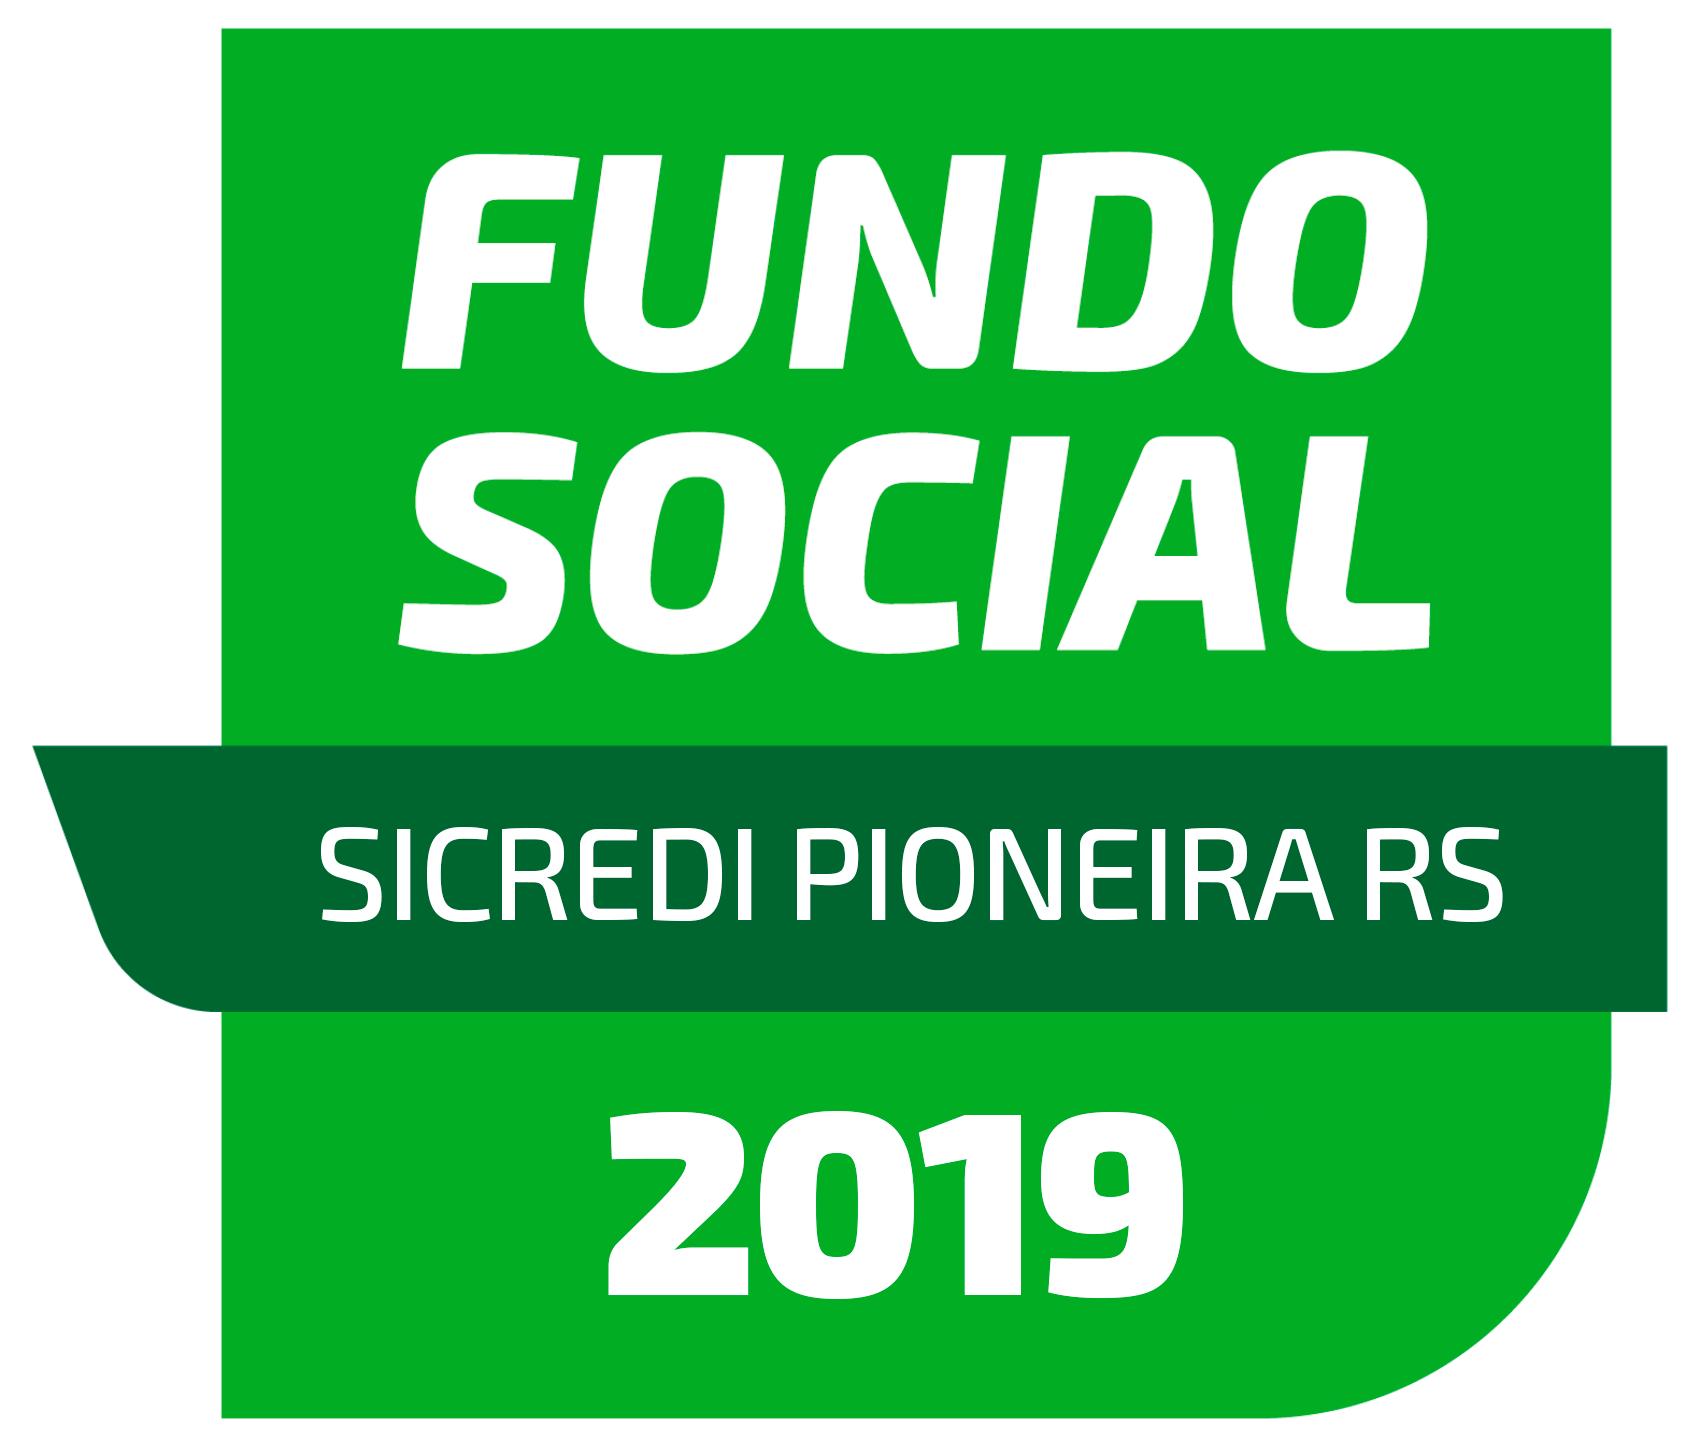 Sicredi - Fundo Social